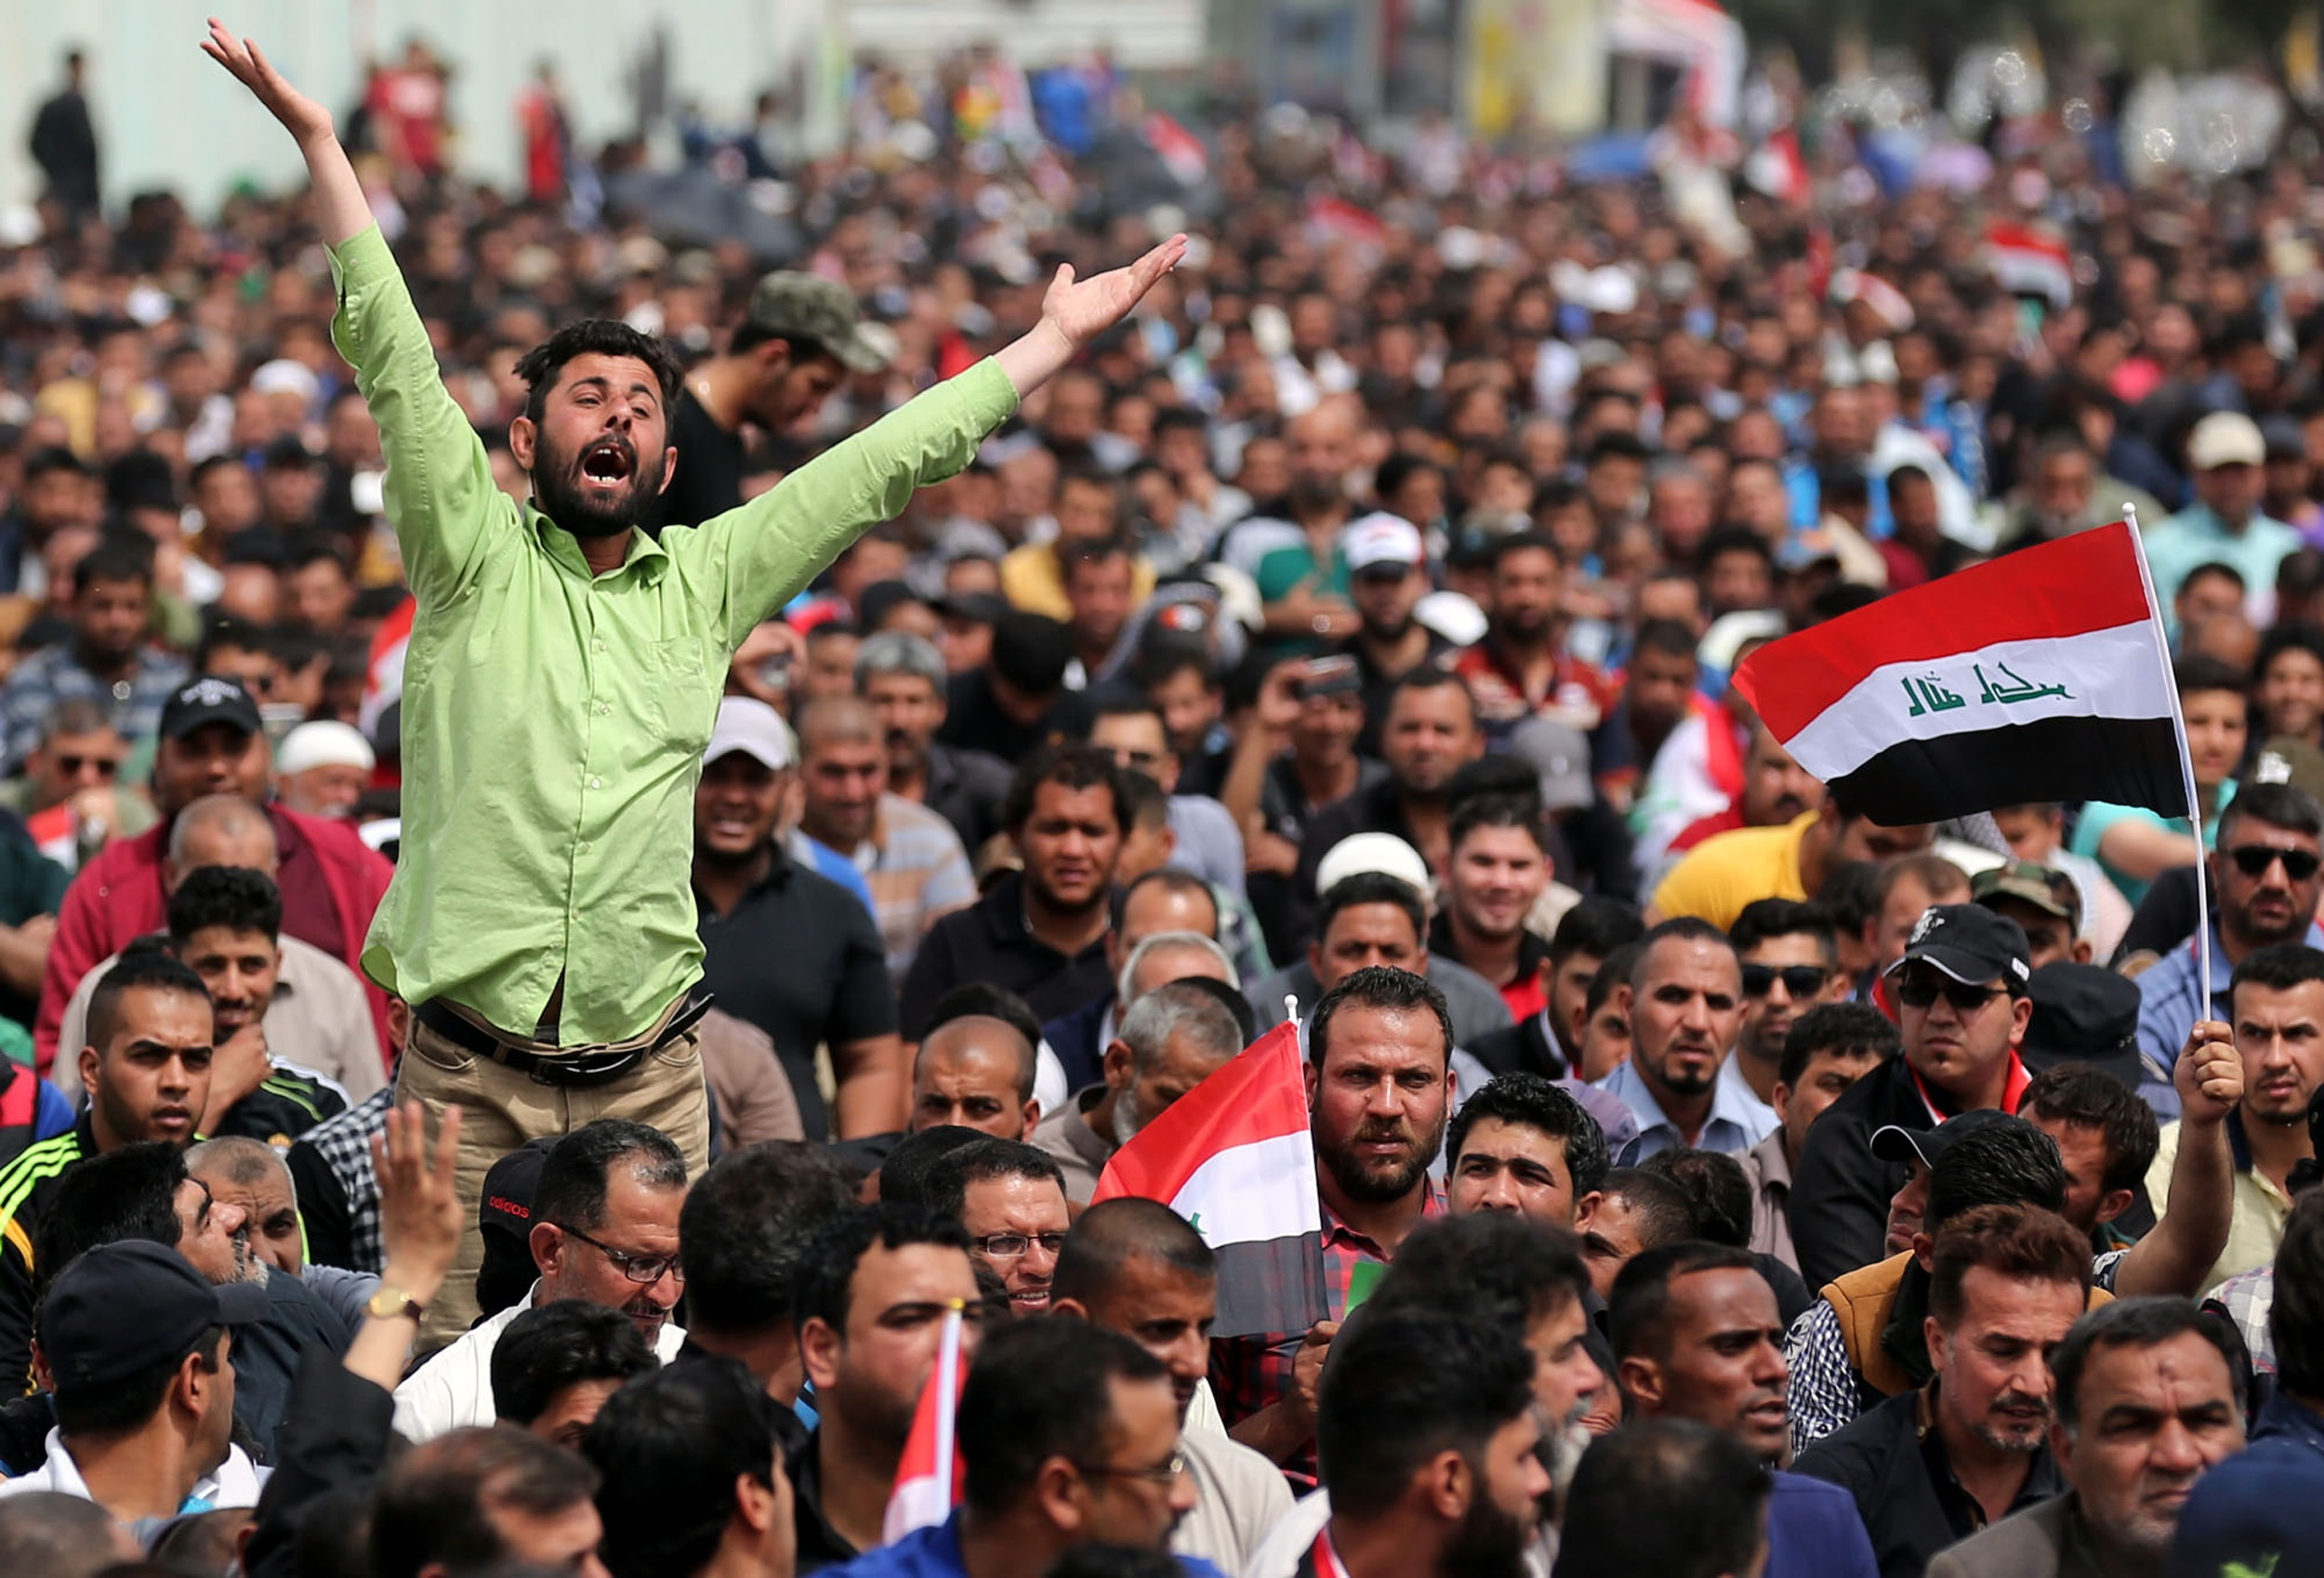 العراق: إجراءات أمنية مشددة قبيل انطلاق مظاهرة حاشدة في بغداد